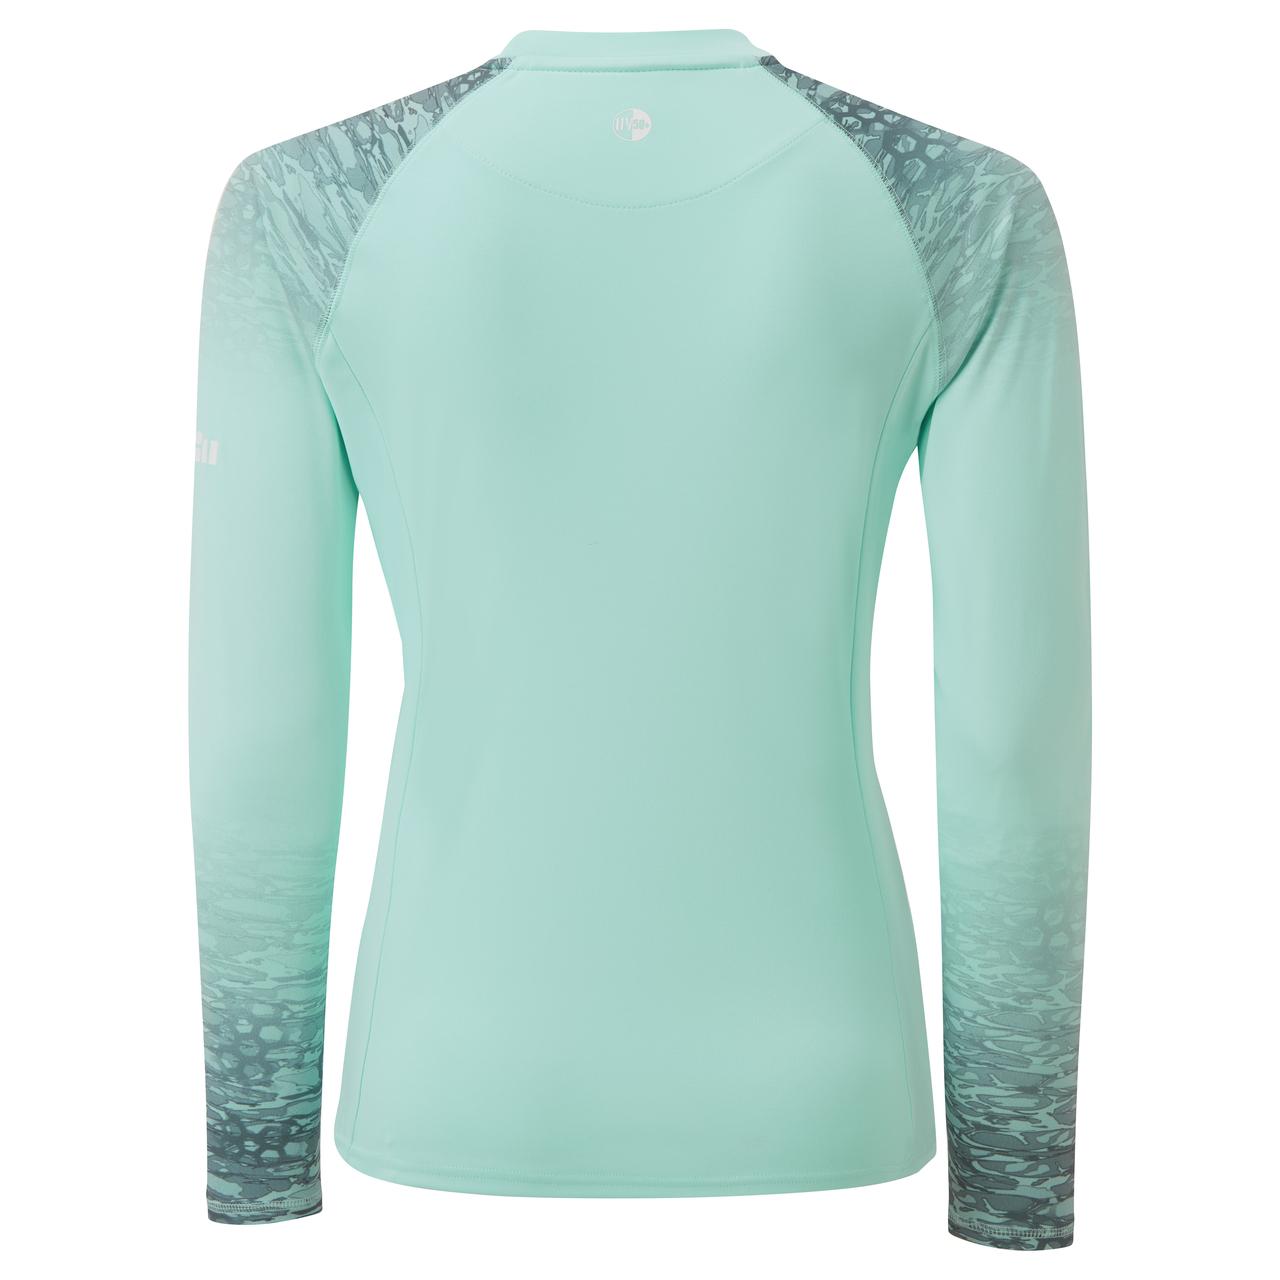 Women's UV Tec Tee - Long Sleeve - UV011W-MOR01-3.jpg